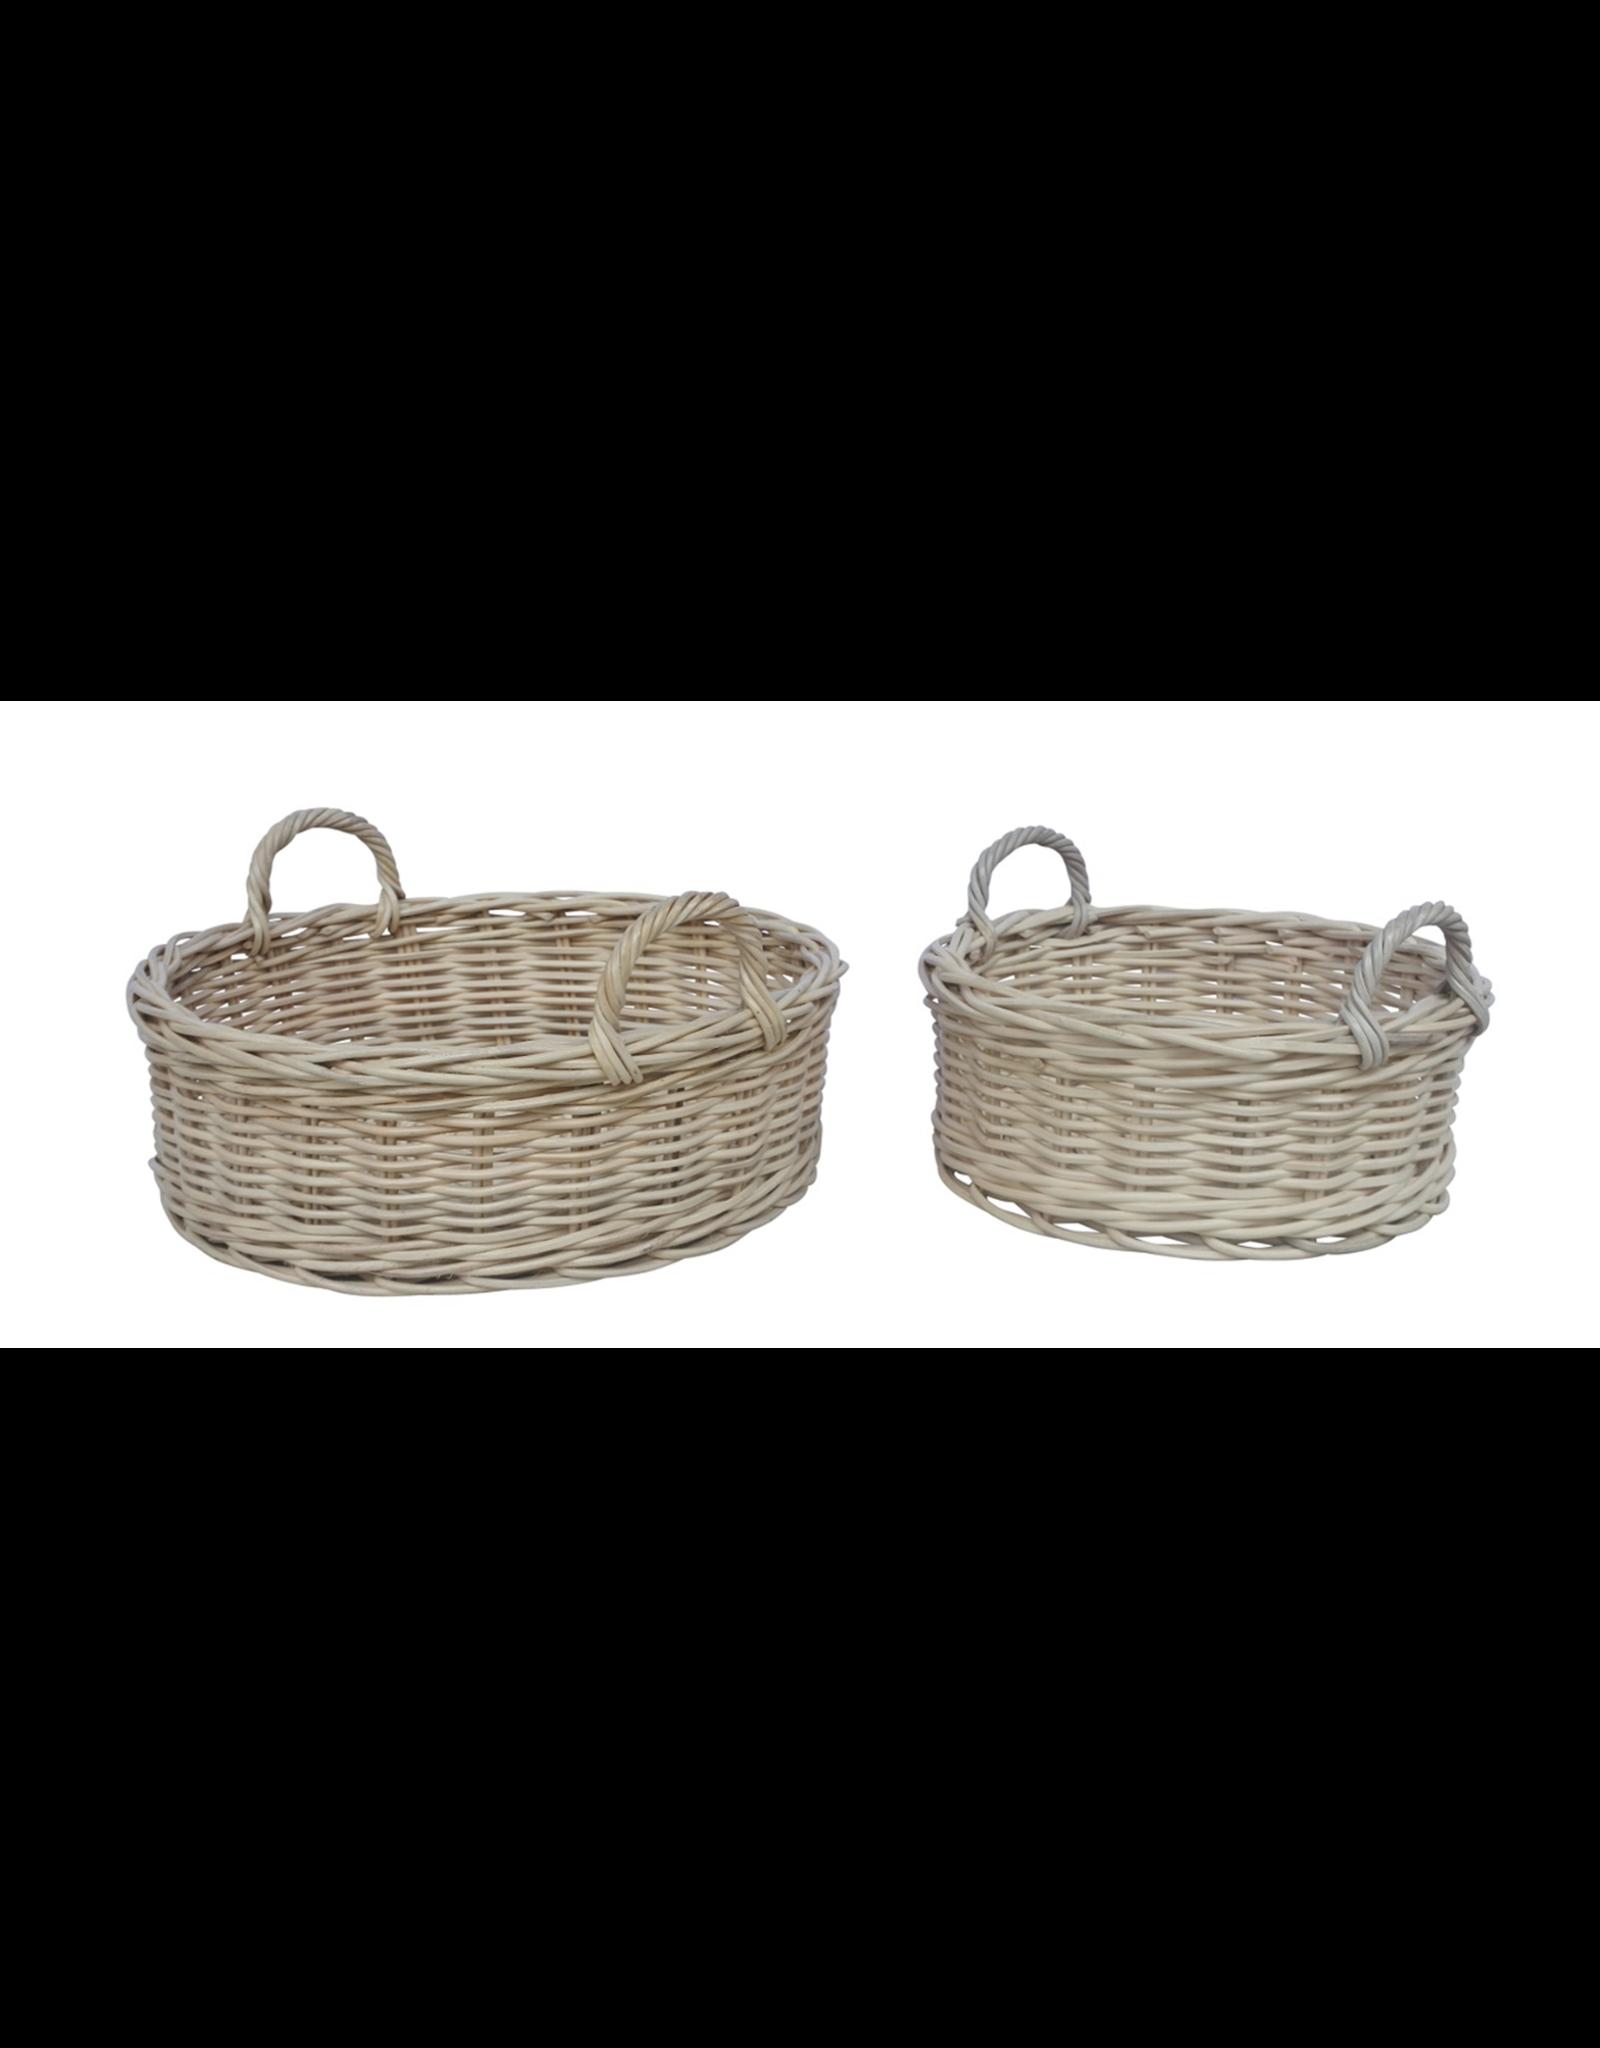 BIDK Large Rattan Round Basket